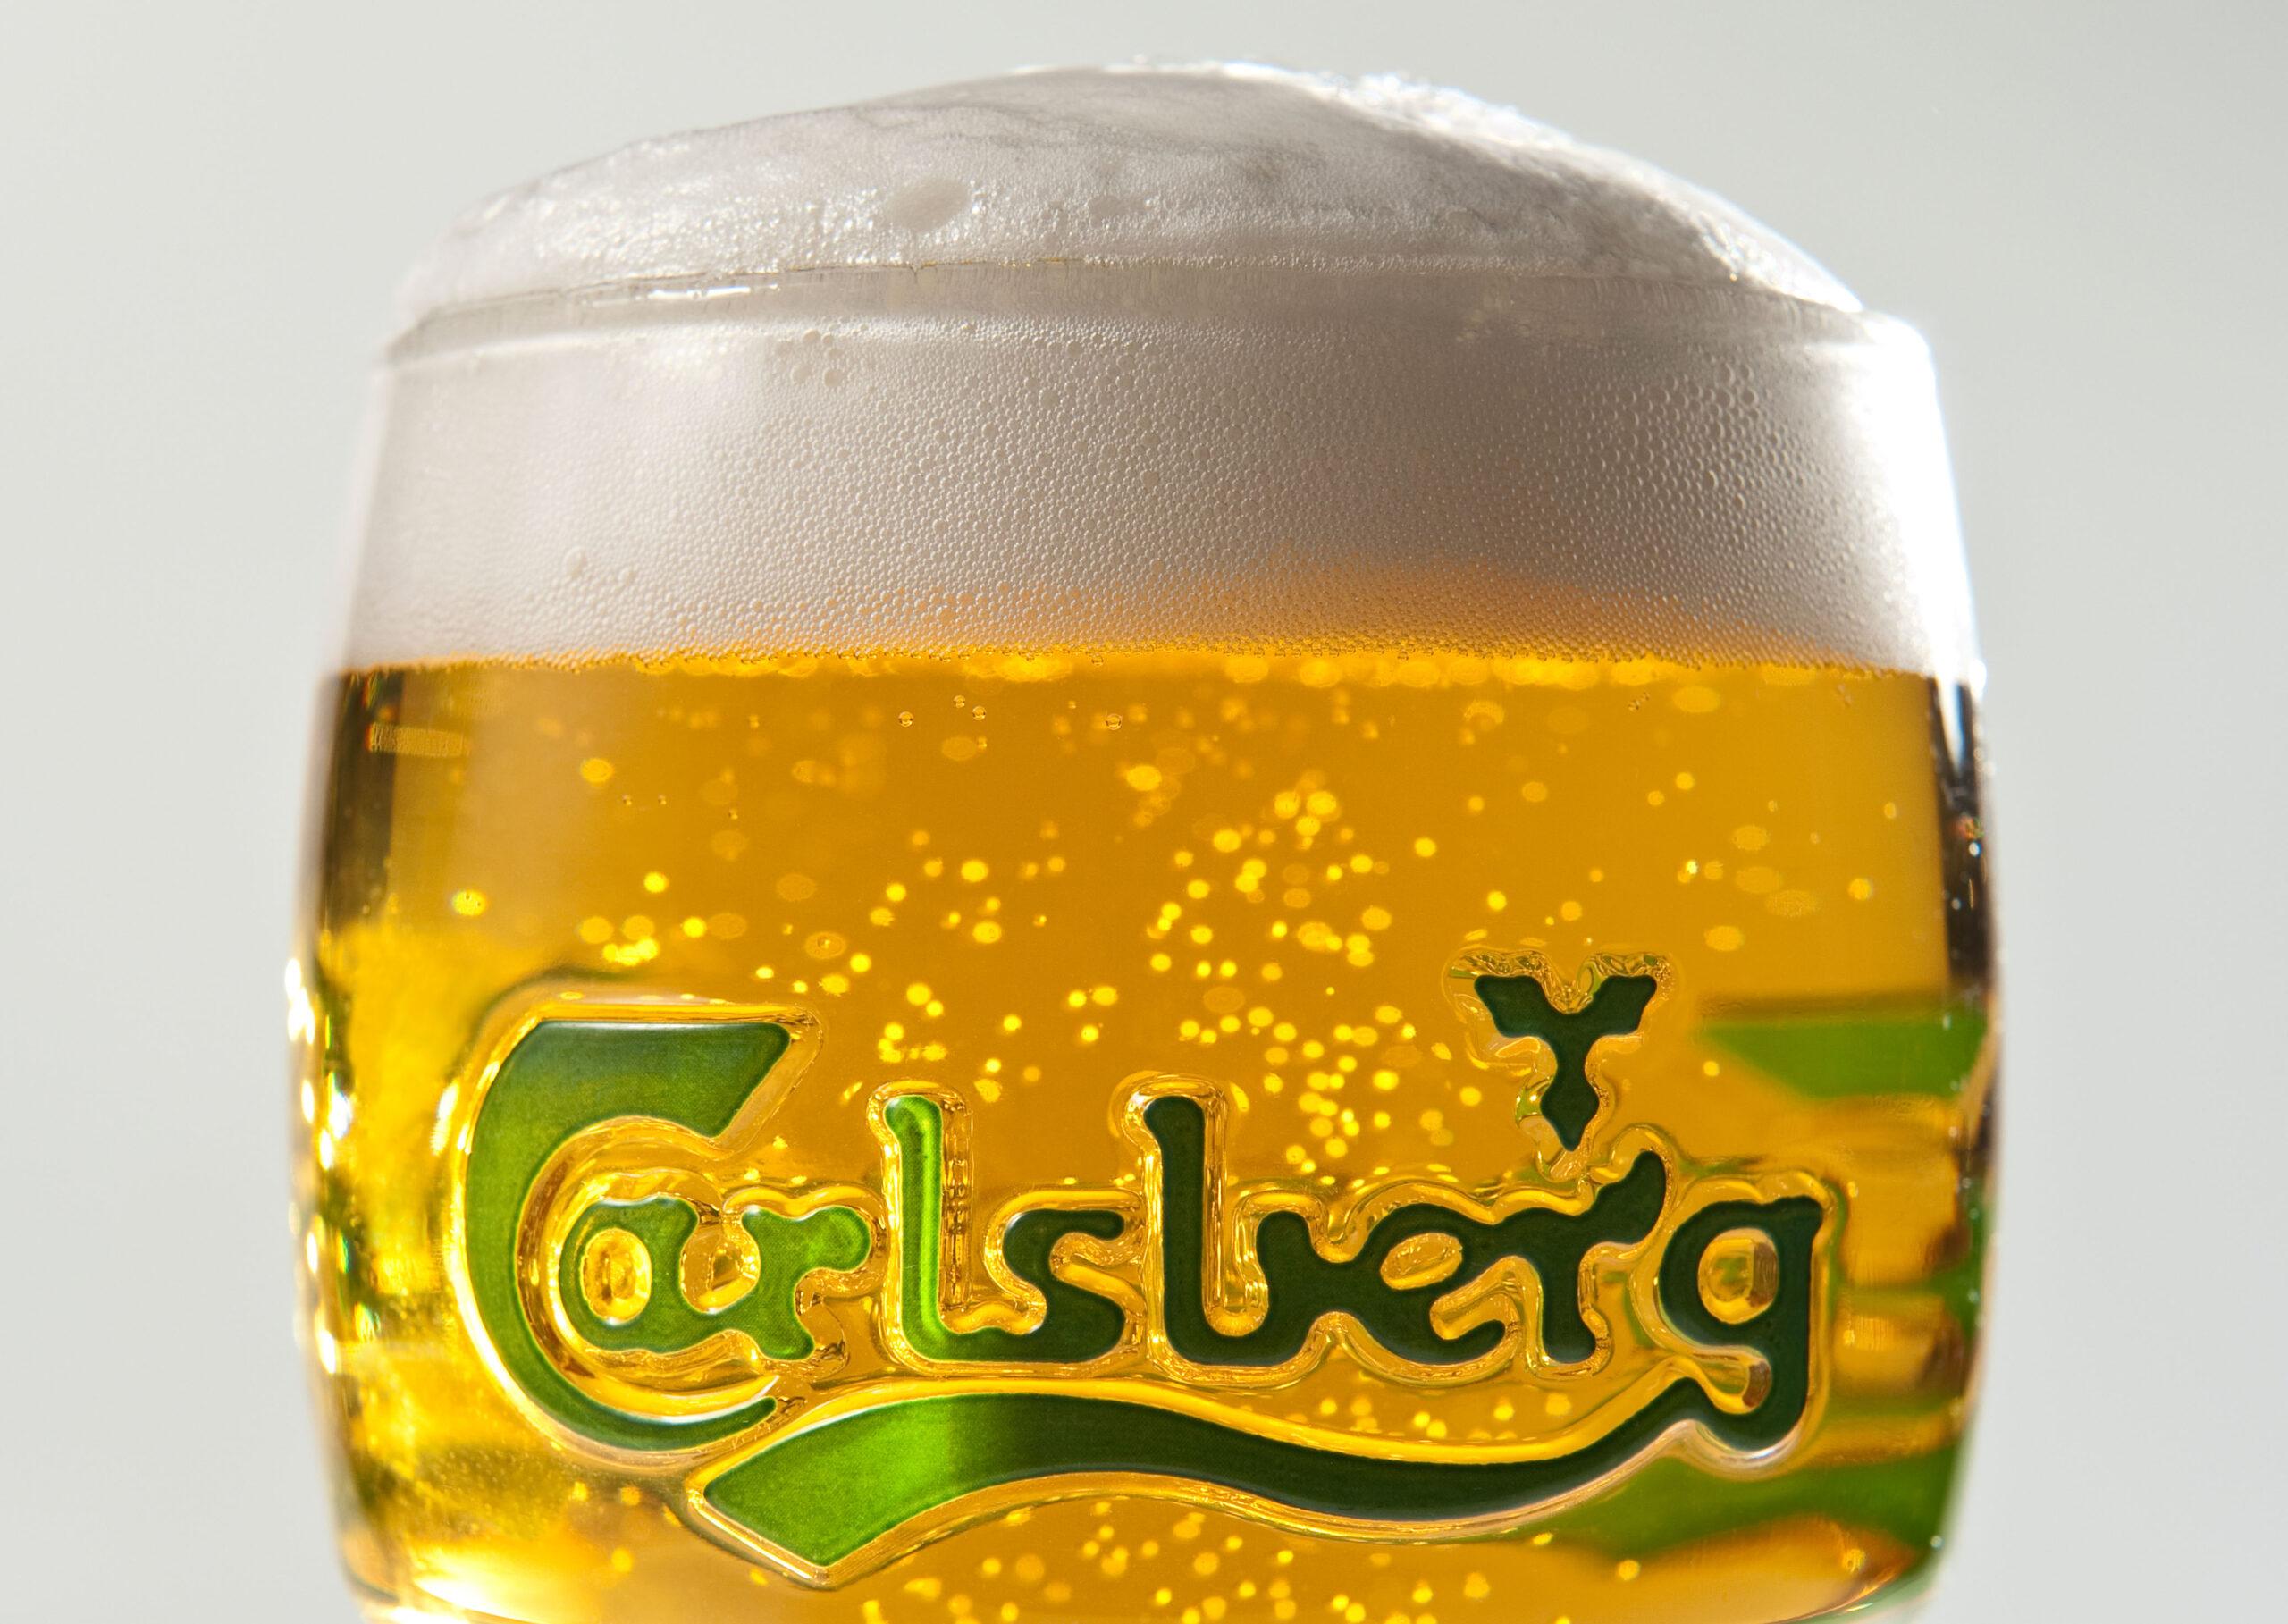 Carlsberg pint